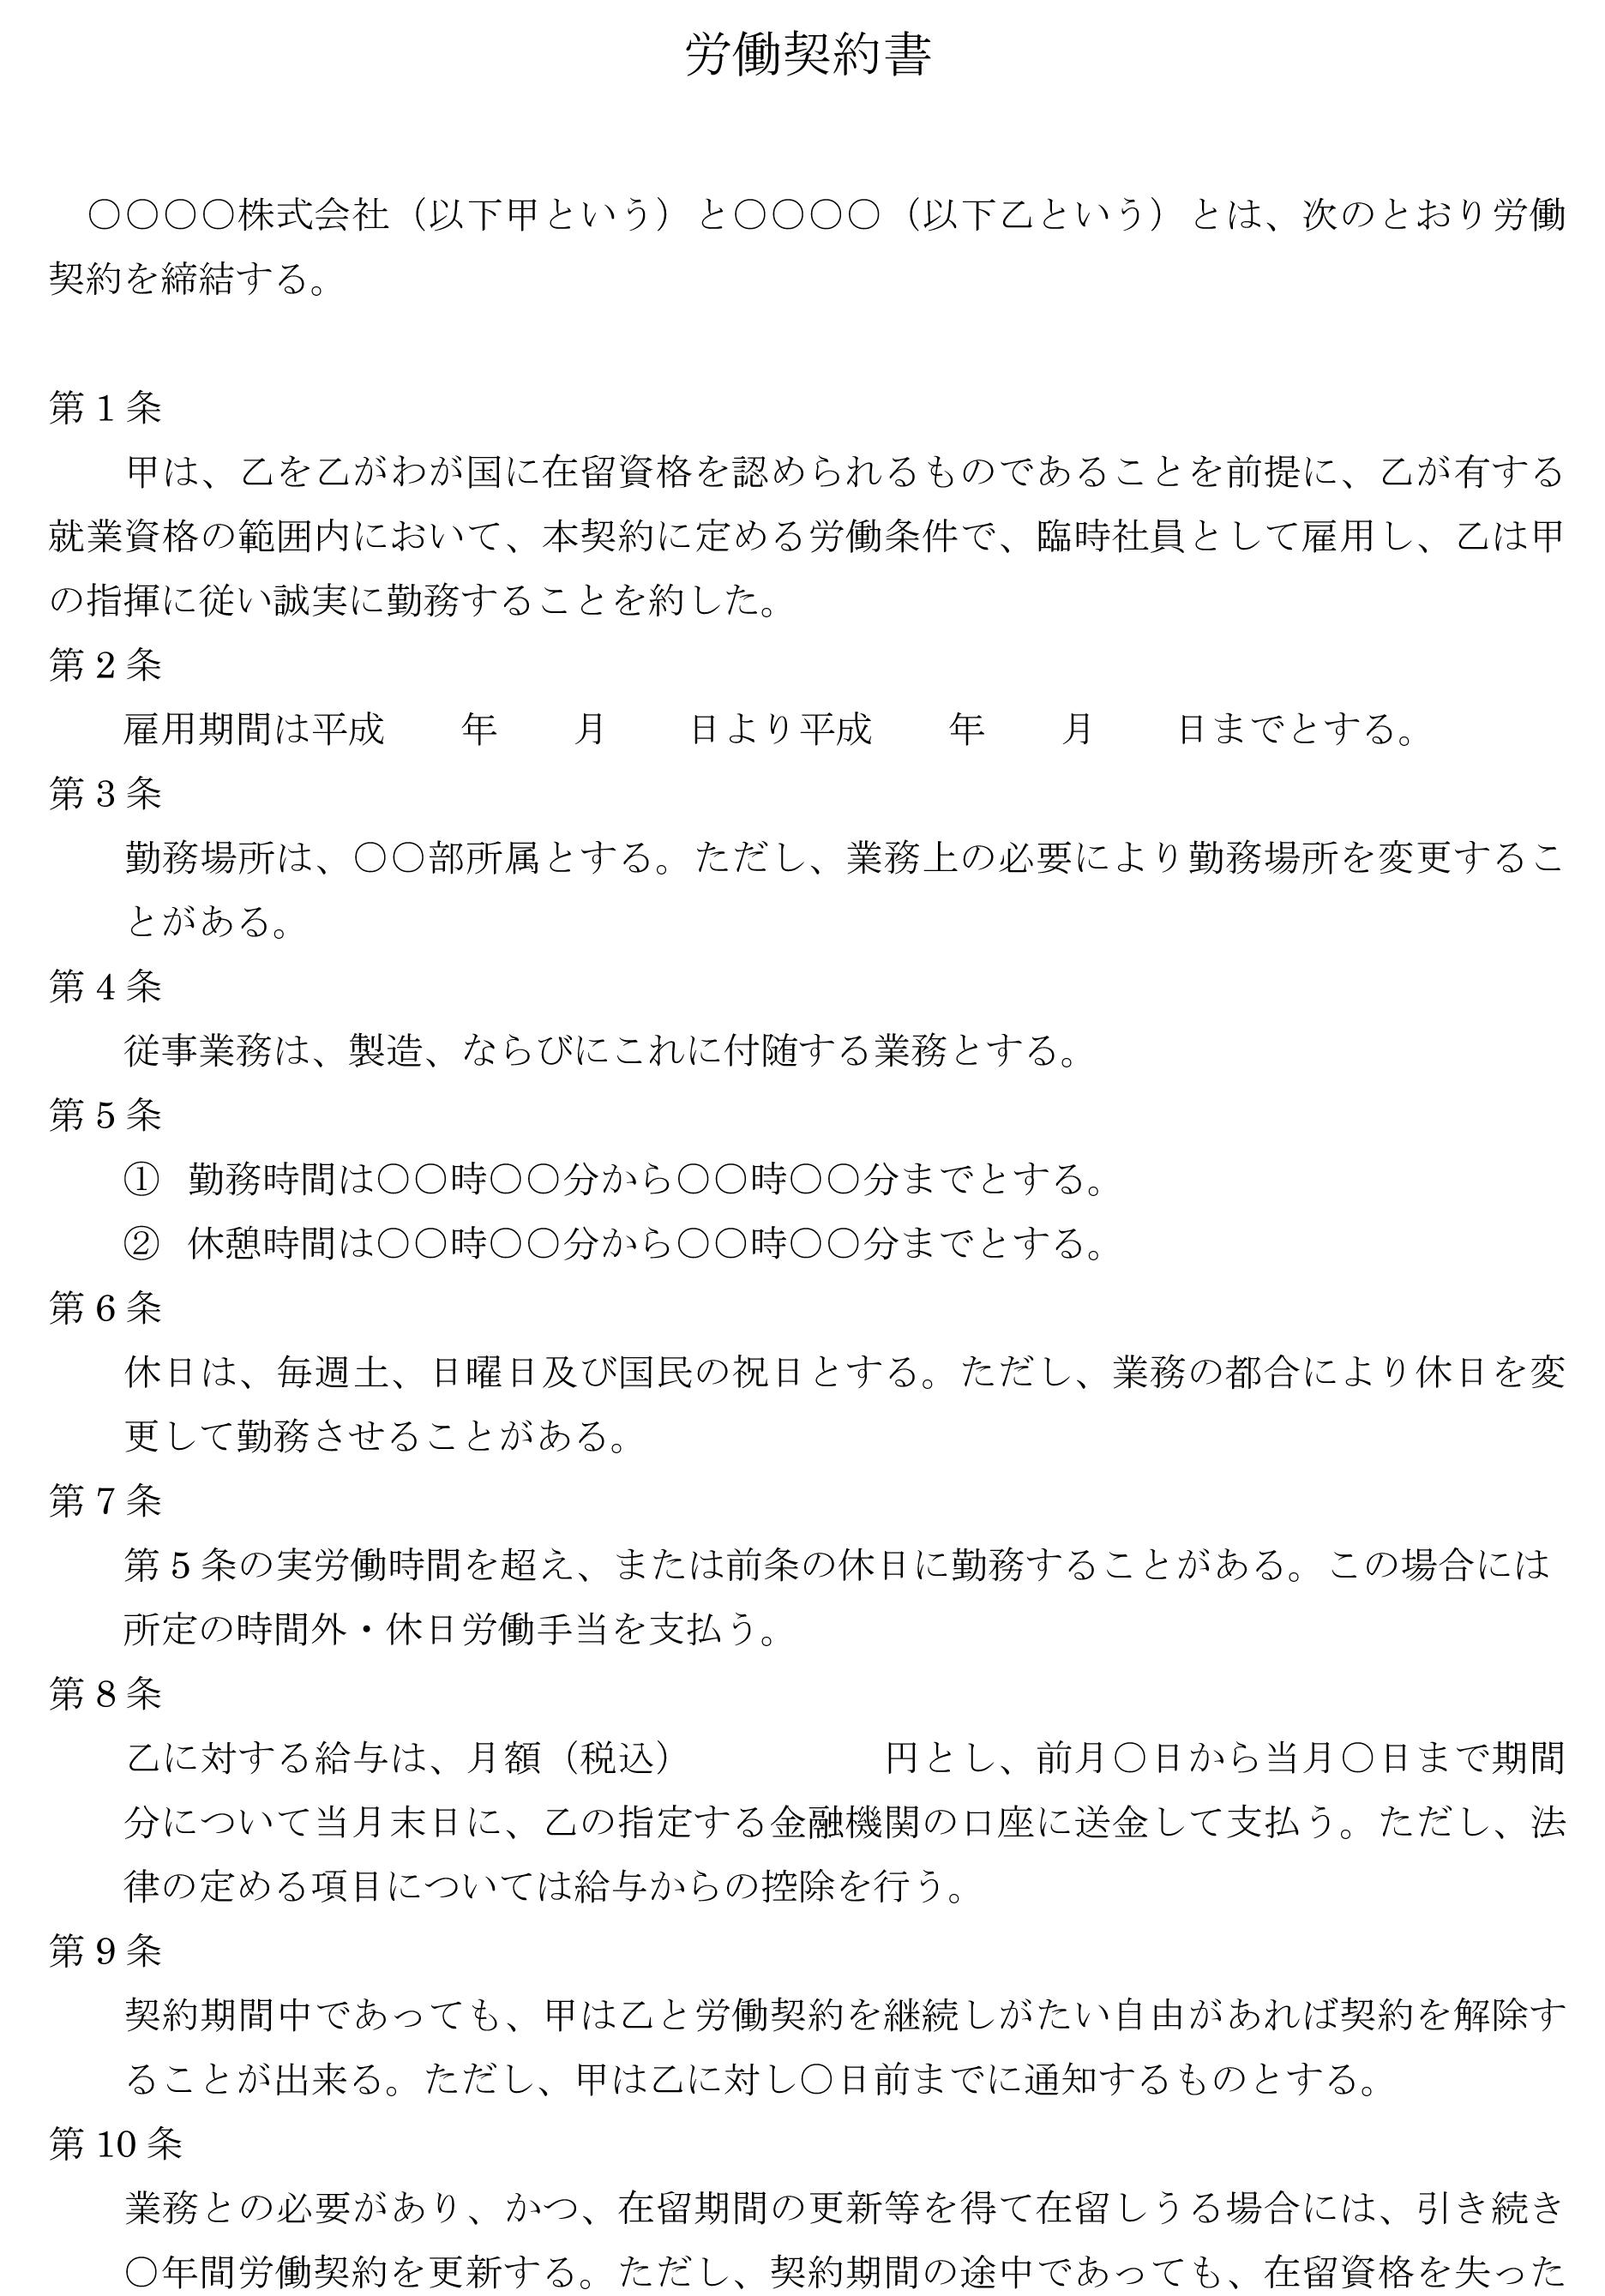 労働契約書06